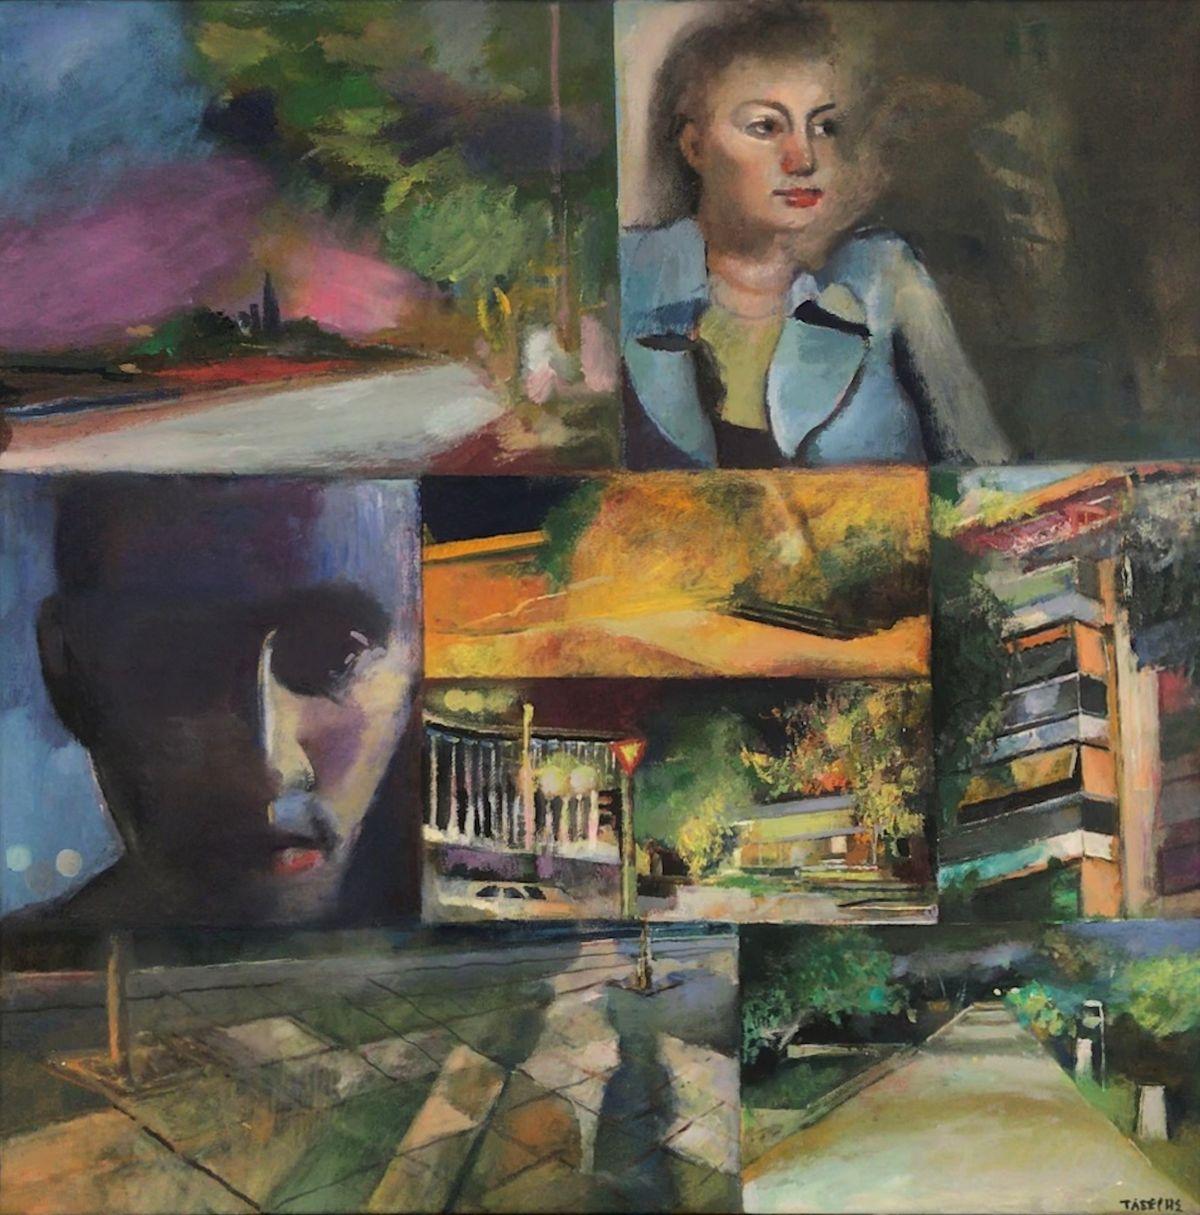 Γιώργος Τάξερης 50×50 εκ. Ακρυλικά σε καμβά Giorgos Taxeris 50×50 cm Acrylics on canvas (1)